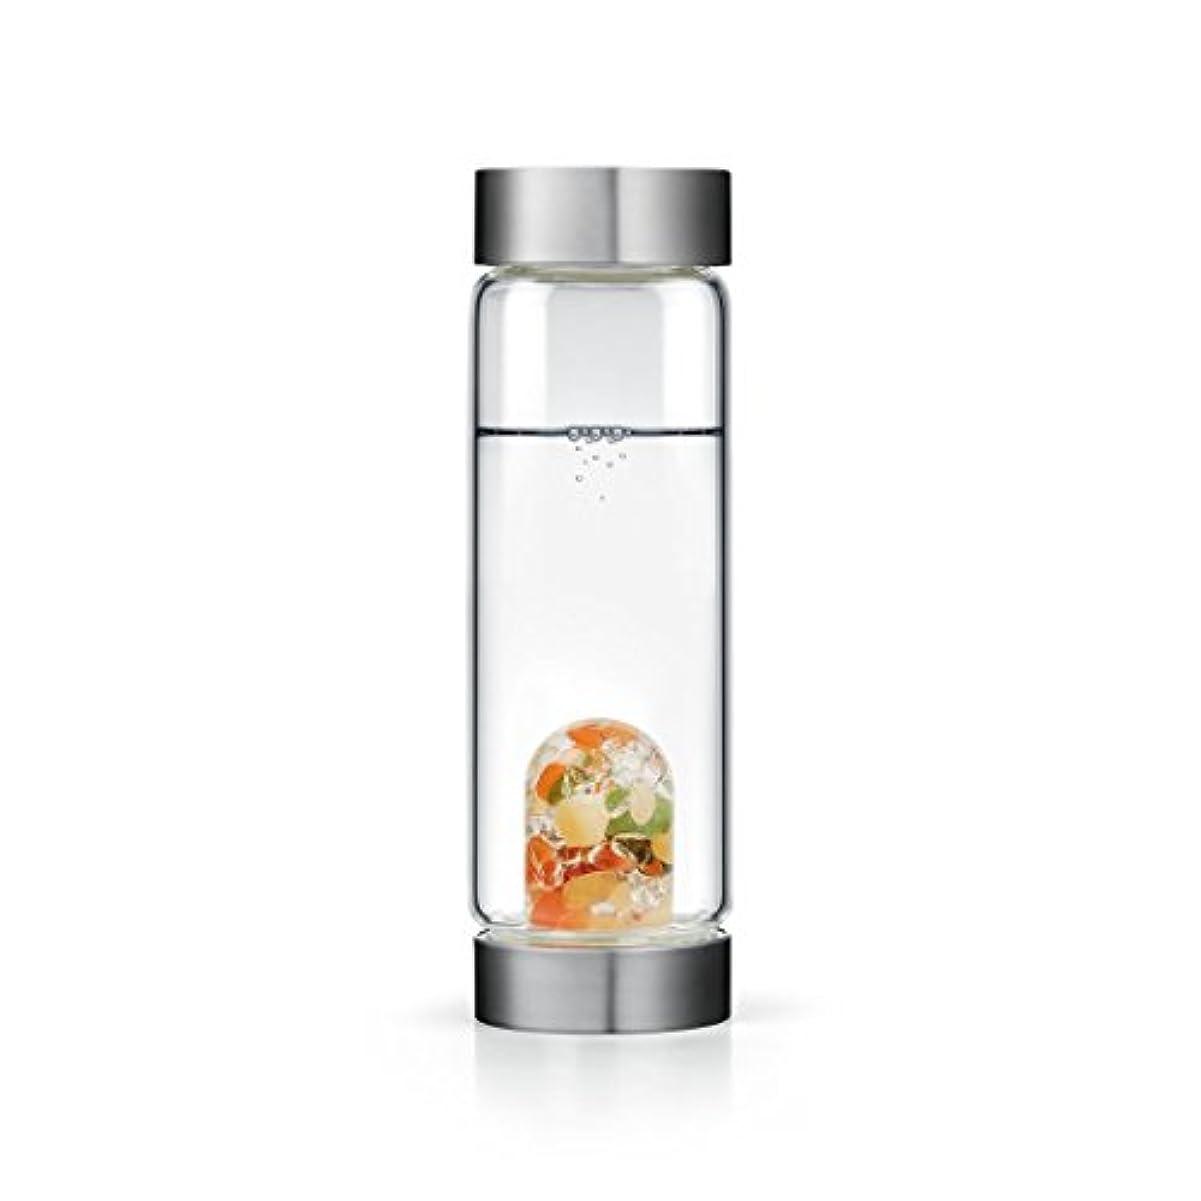 移植意義先行するHappiness gem-waterボトルby VitaJuwel W / Freeカリフォルニアホワイトセージバンドル 16.9 fl oz